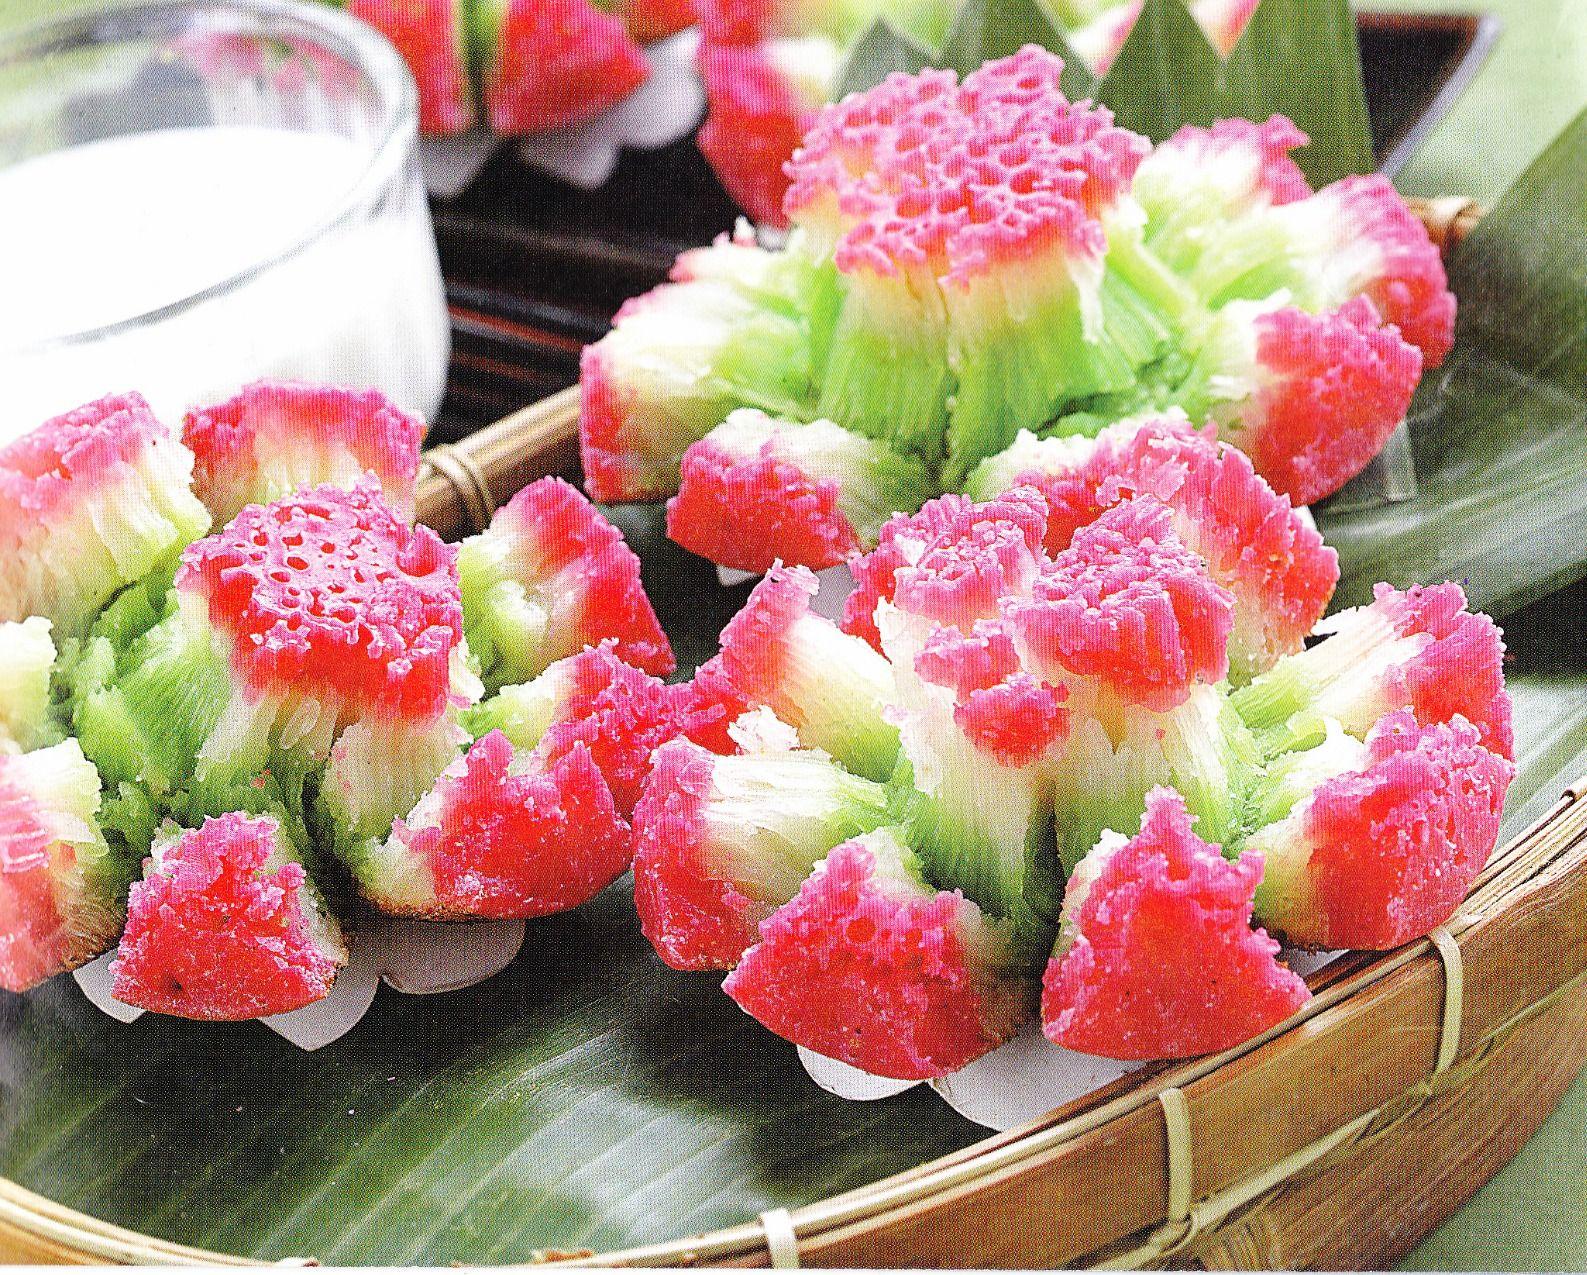 Cara Mudah Bikin Kue Singkong Isi Pisang Resep Resep Masakan Indonesia Resep Masakan Indonesia